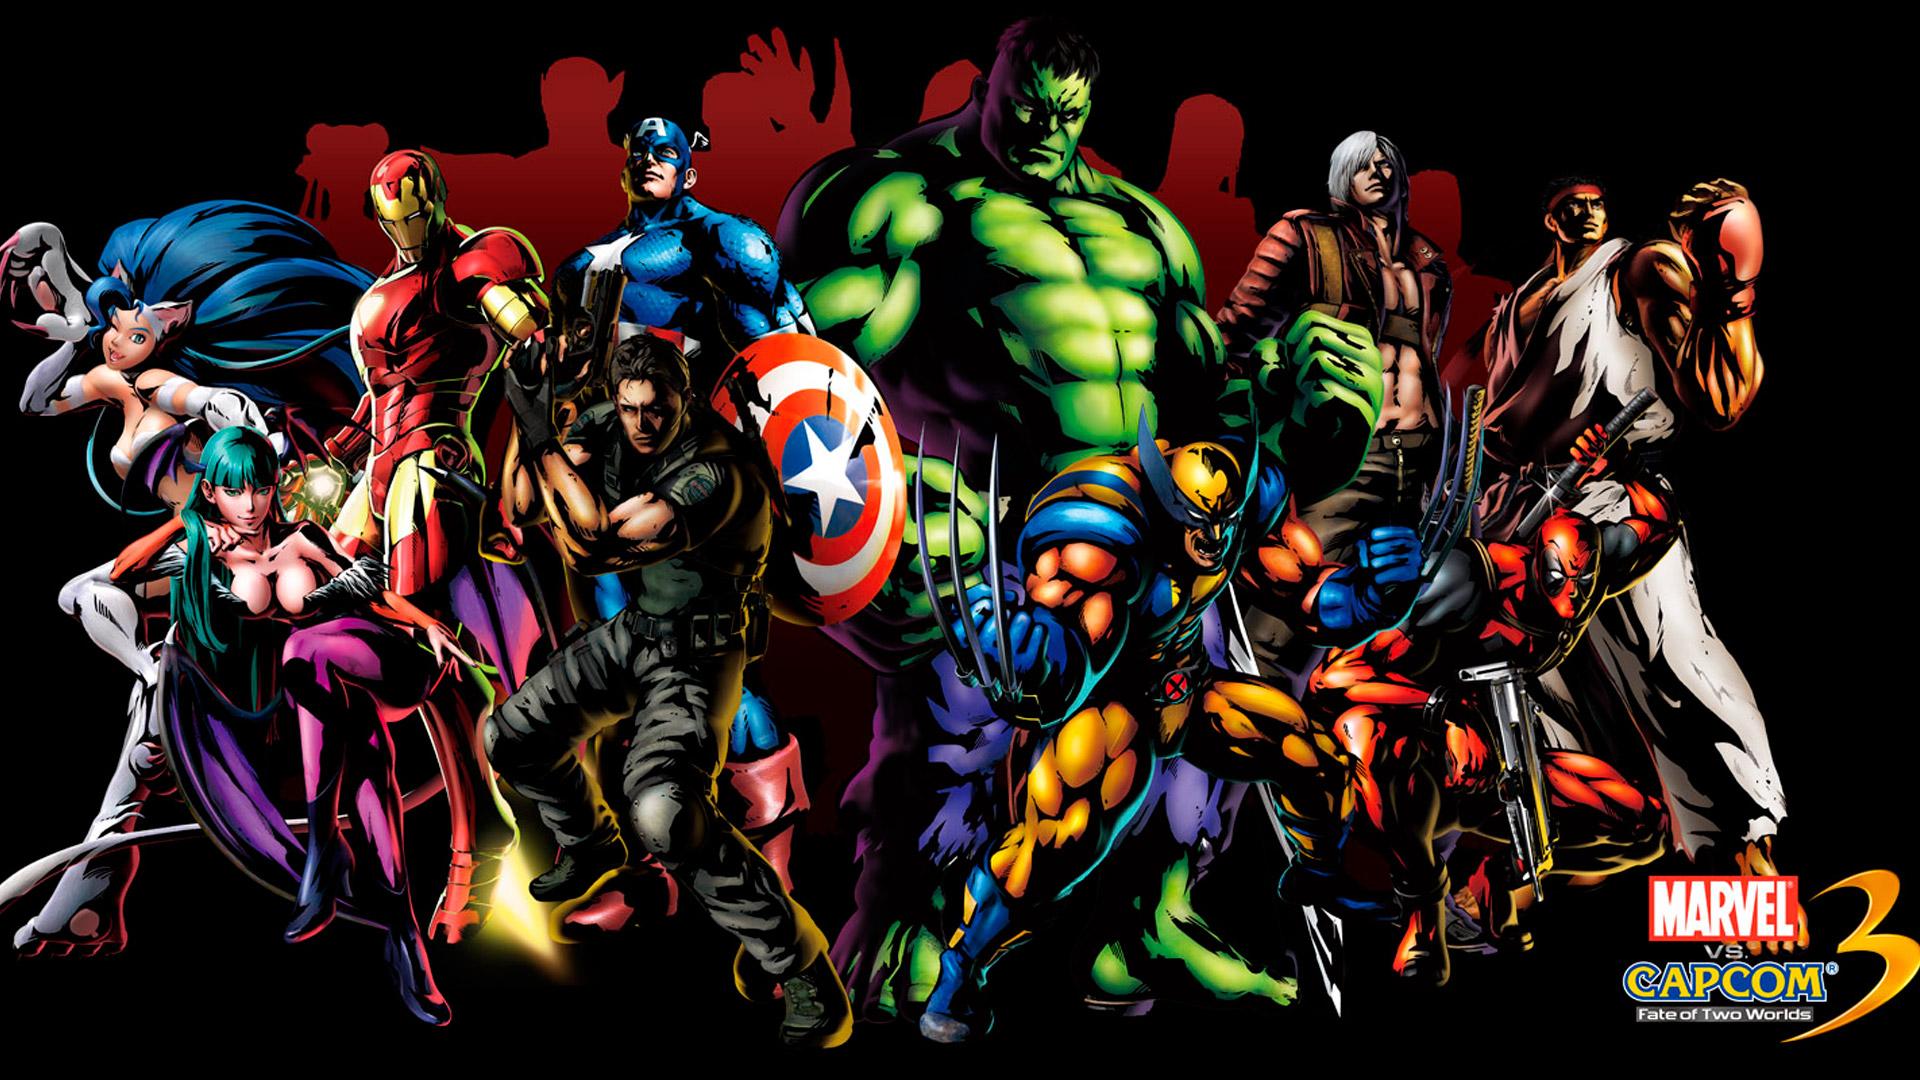 1080p Marvel Wallpaper Wallpapersafari